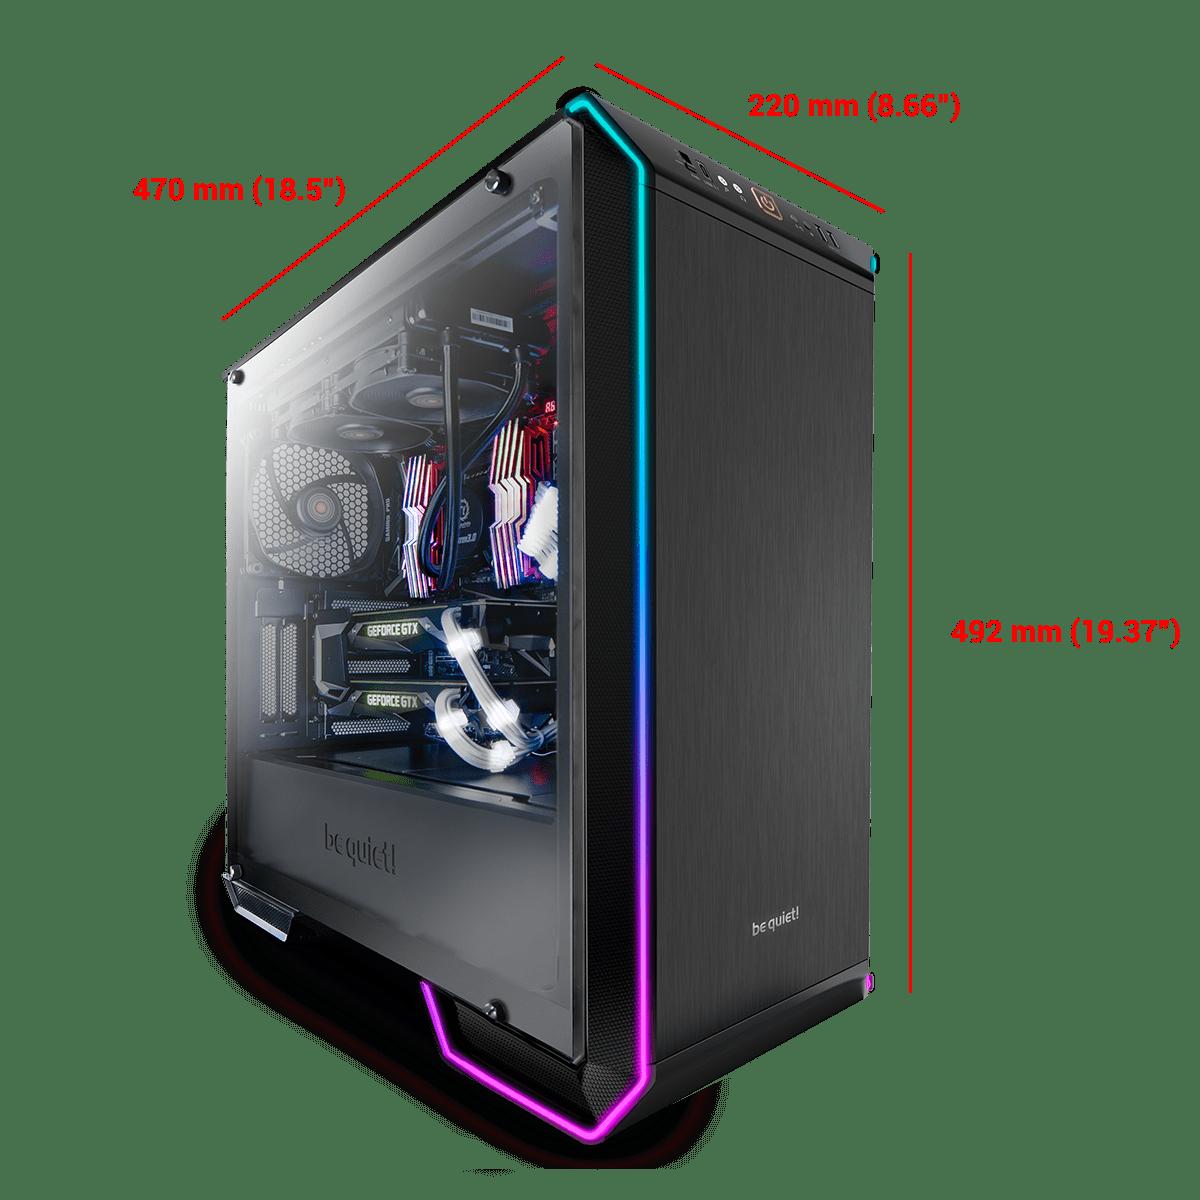 AMD Ryzen Threadripper 2 Extreme